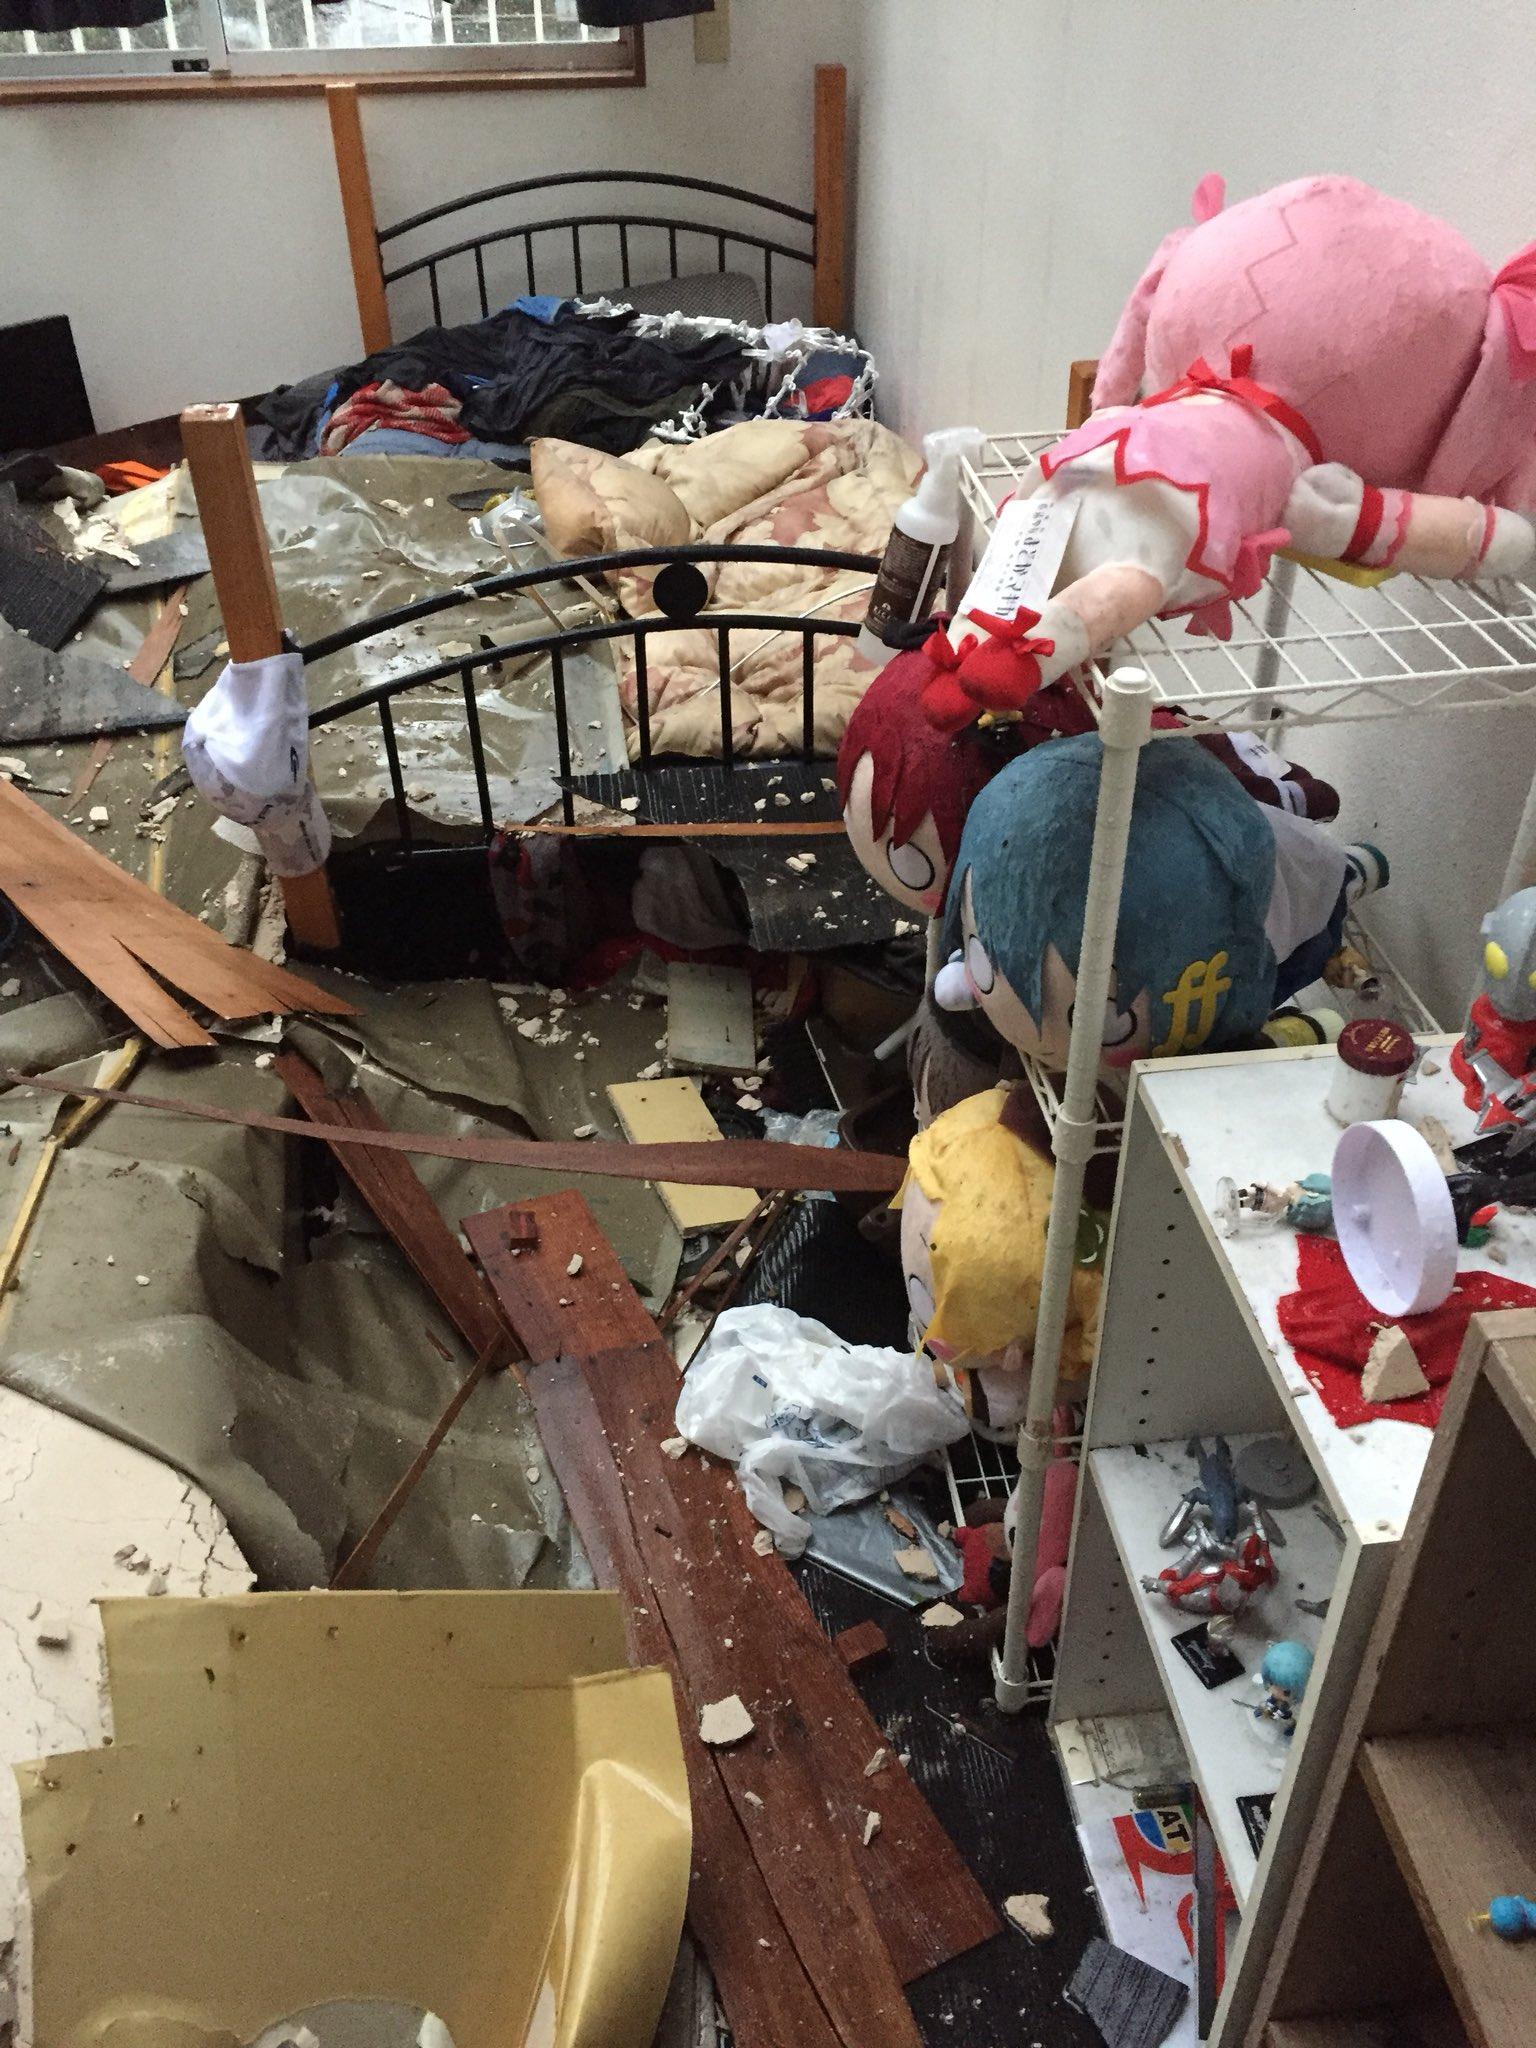 画像,近況報告今消防の方が来て話を伺ったら同じようになってる部屋や他のアパートでも同じようになってるそうな https://t.co/wKi1gWZYw3…